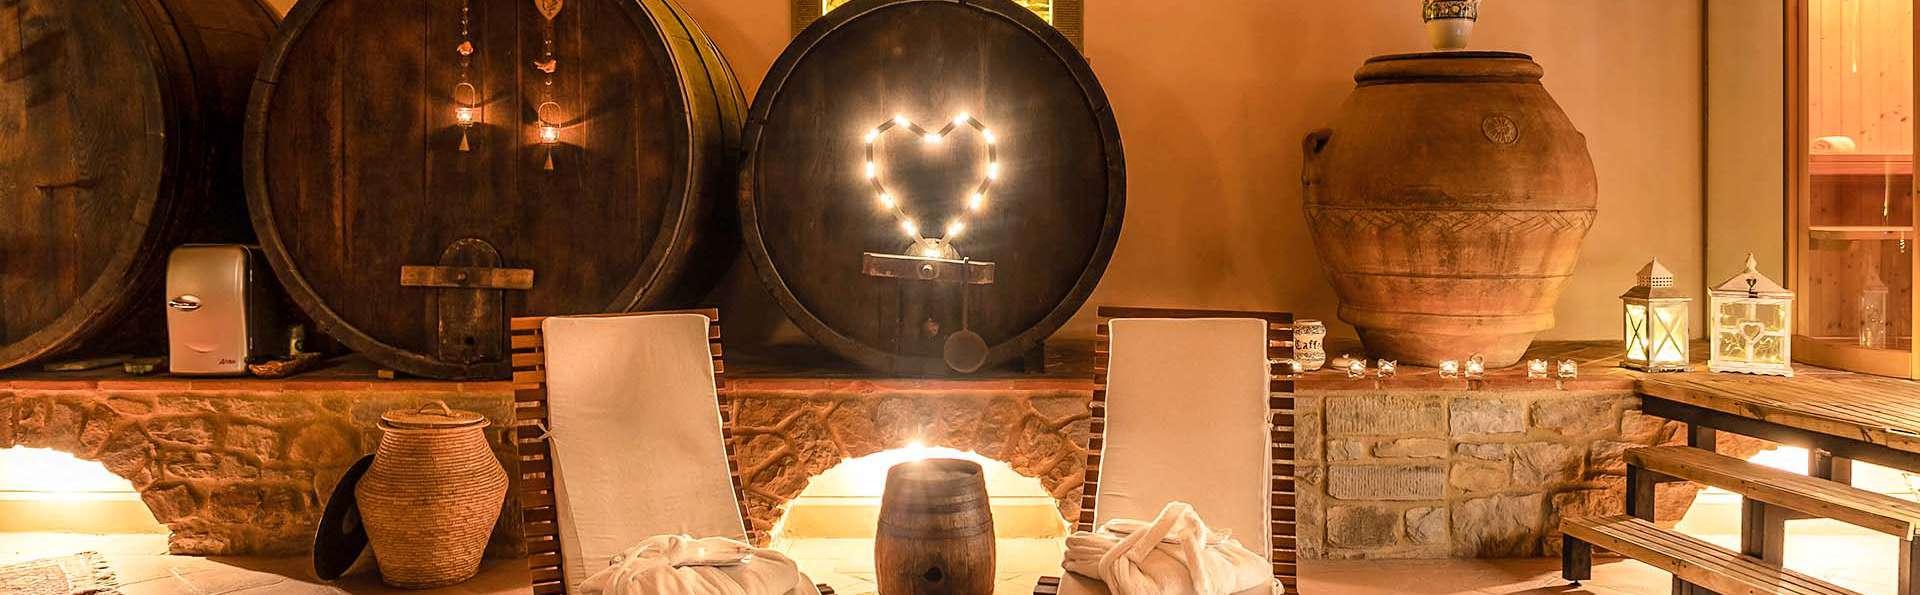 Week-end romantique en Toscane avec spa privé et dîner typique dans les collines d'Arezzo